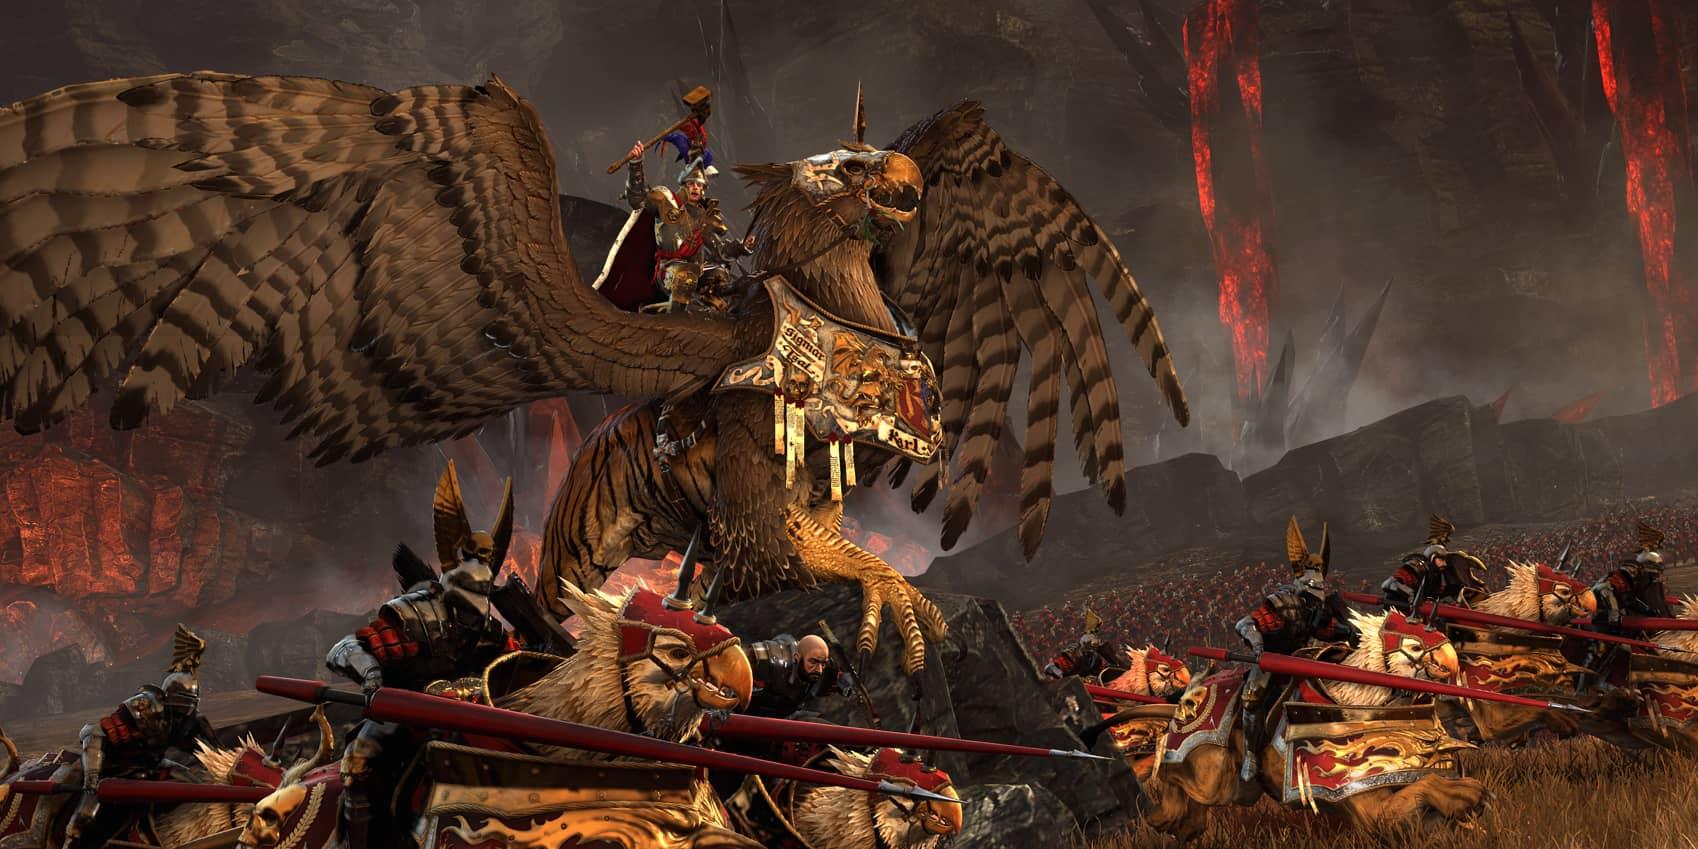 Impero e Orchi al Passo di Fiamma Nera